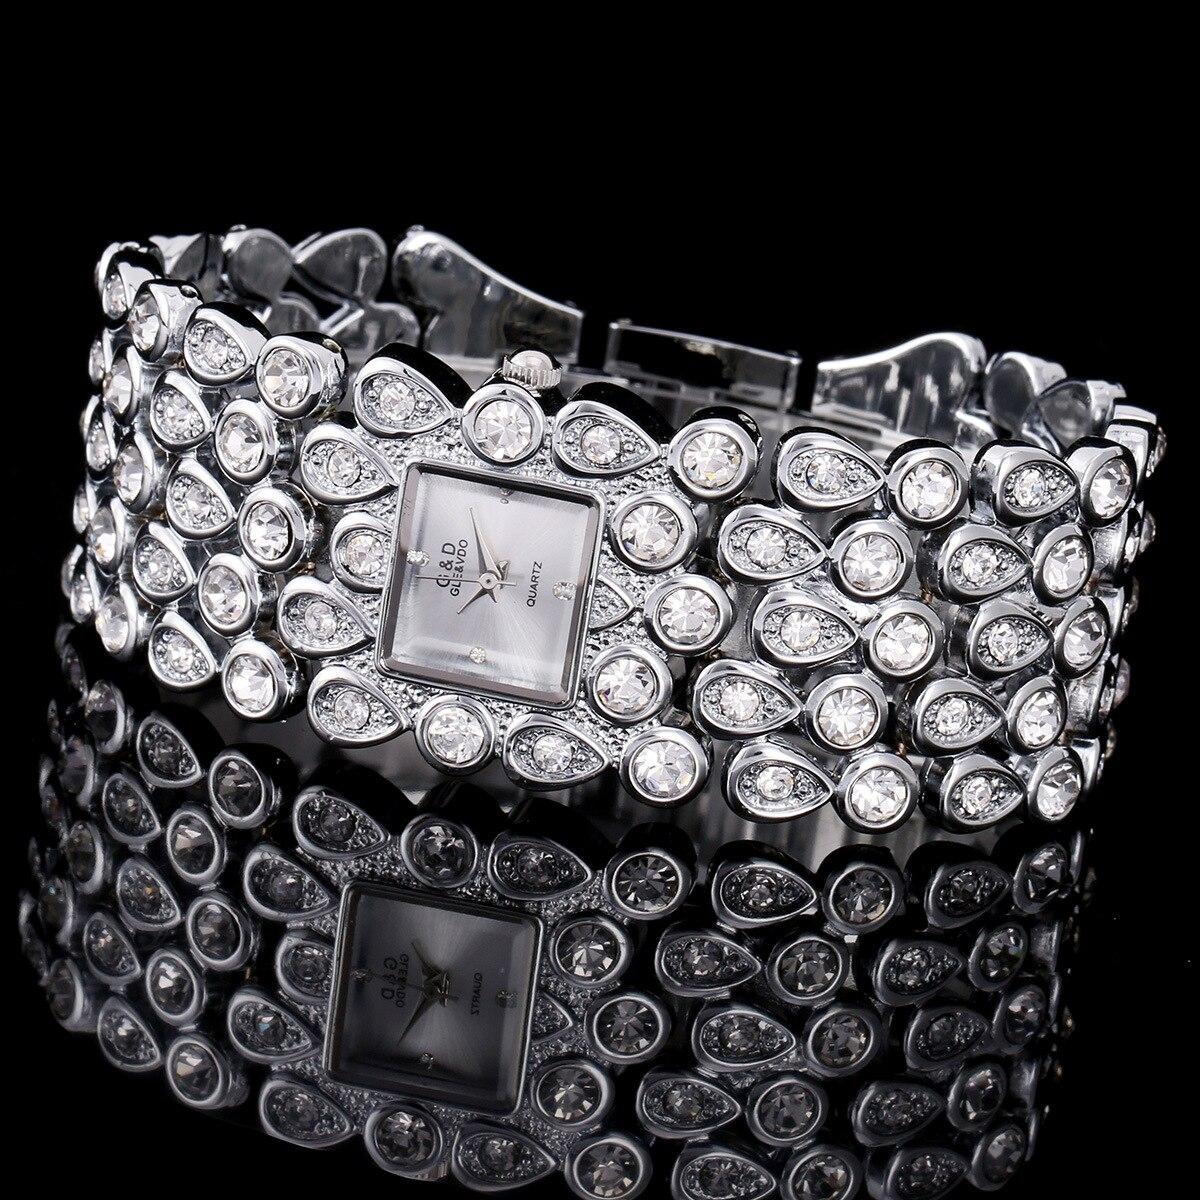 2017 G D GLE VDO Brand New Luxury Women s Bracelet Wristwatches Quartz Watch Crystal Lady